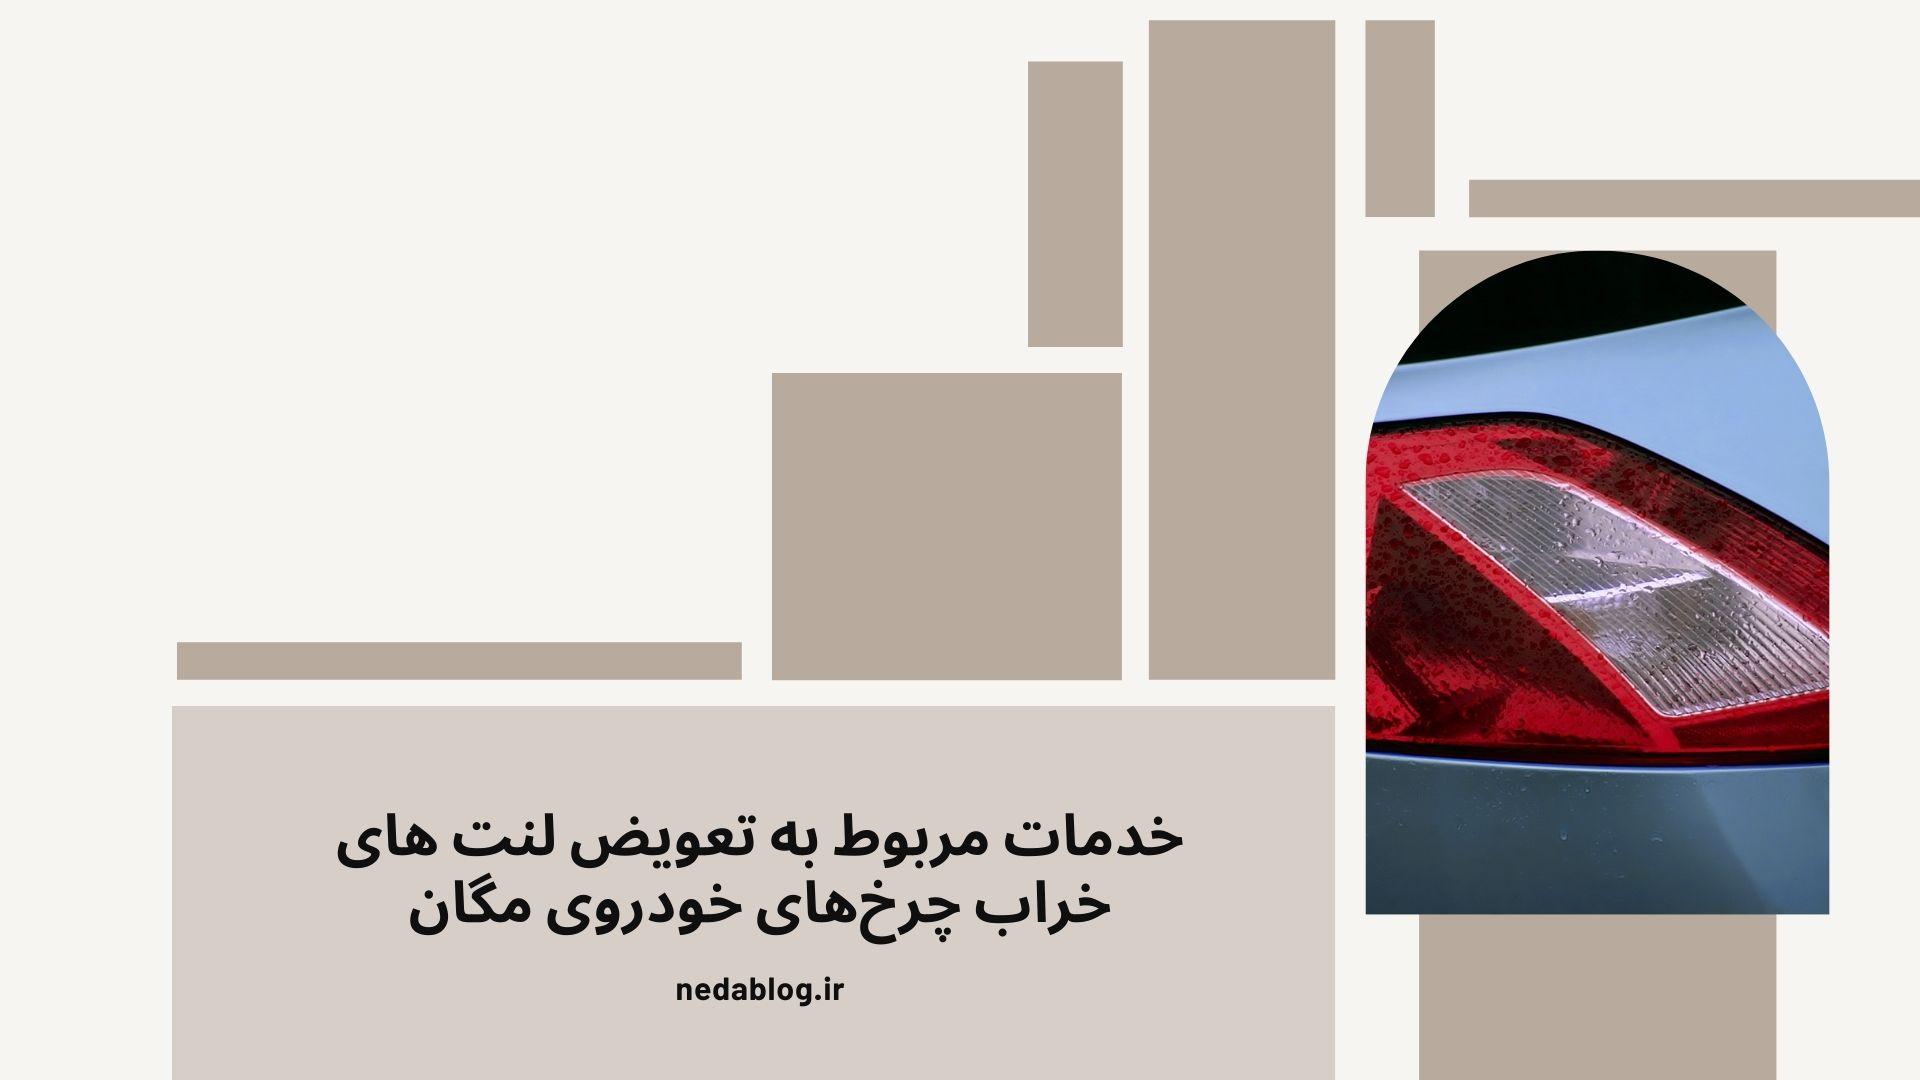 خدمات مربوط به تعویض لنت های خراب چرخهای خودروی مگان